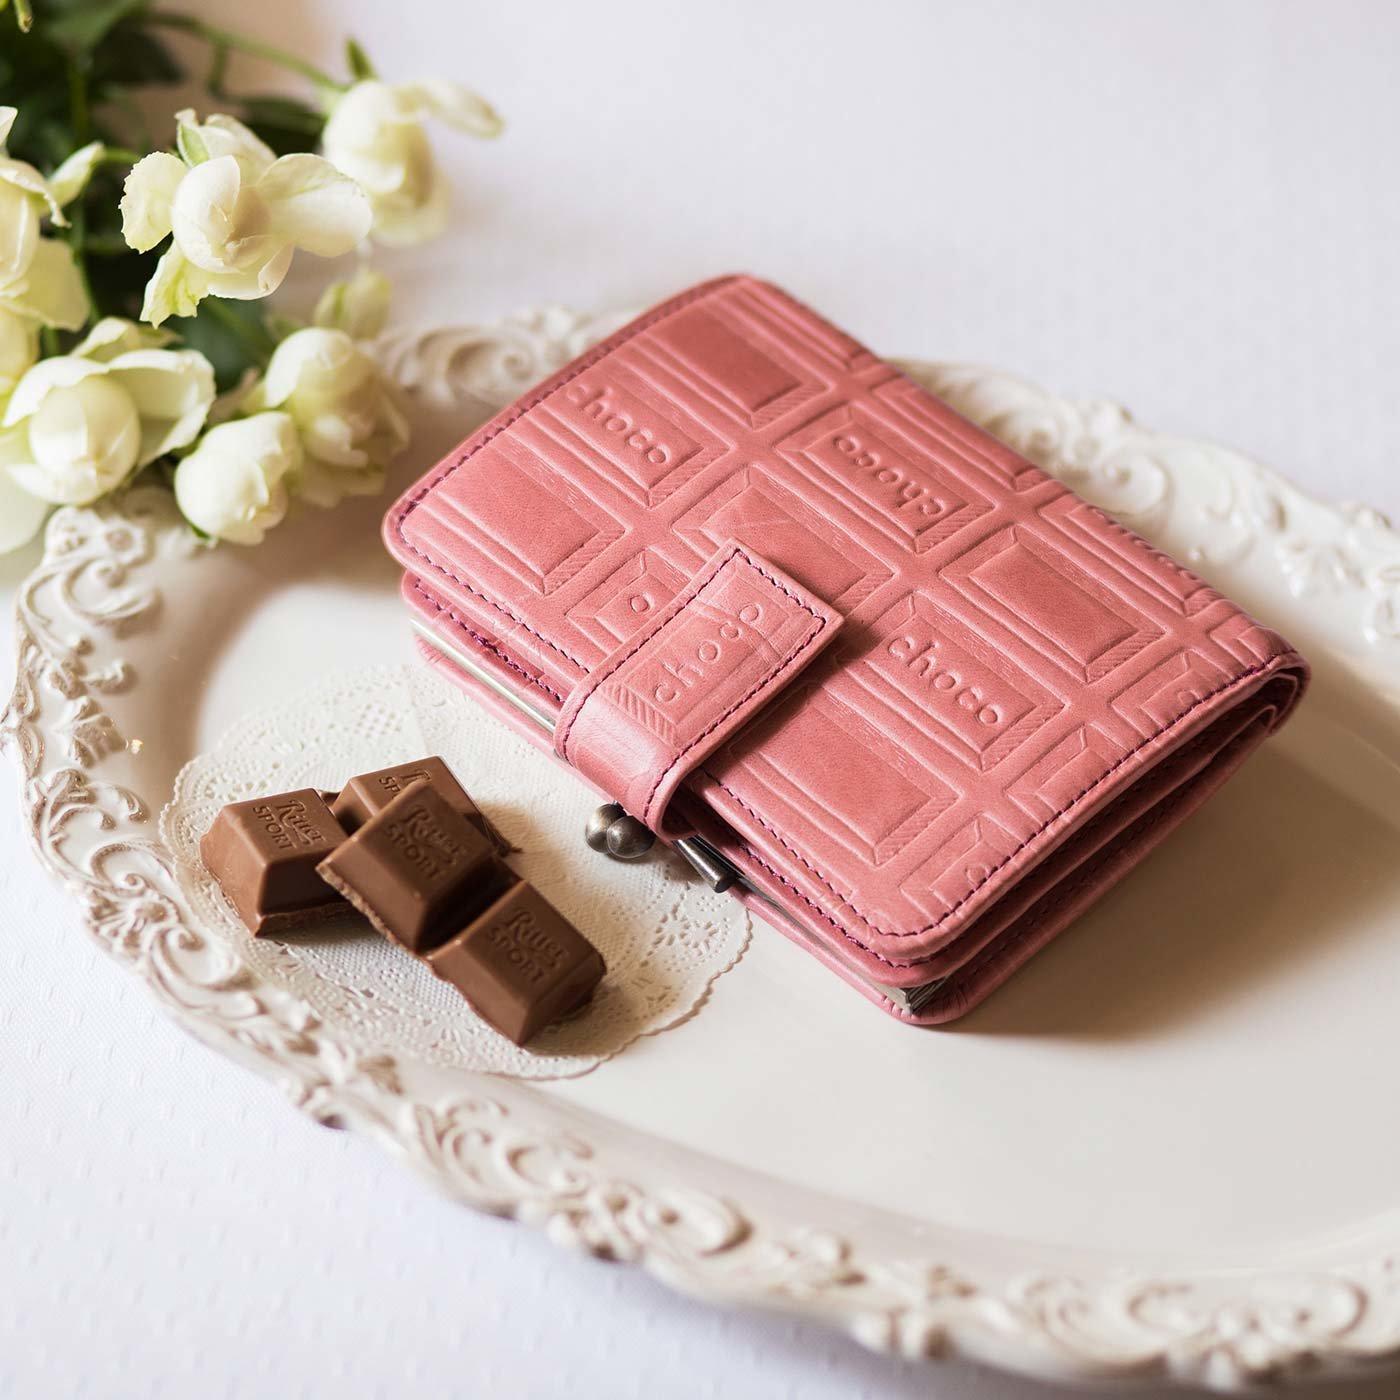 チョコレートバイヤーとコラボ! チョコ型押しで誂(あつら)えた 本革がま口付き折り財布〈ストロベリー〉[本革 二つ折り財布:日本製]